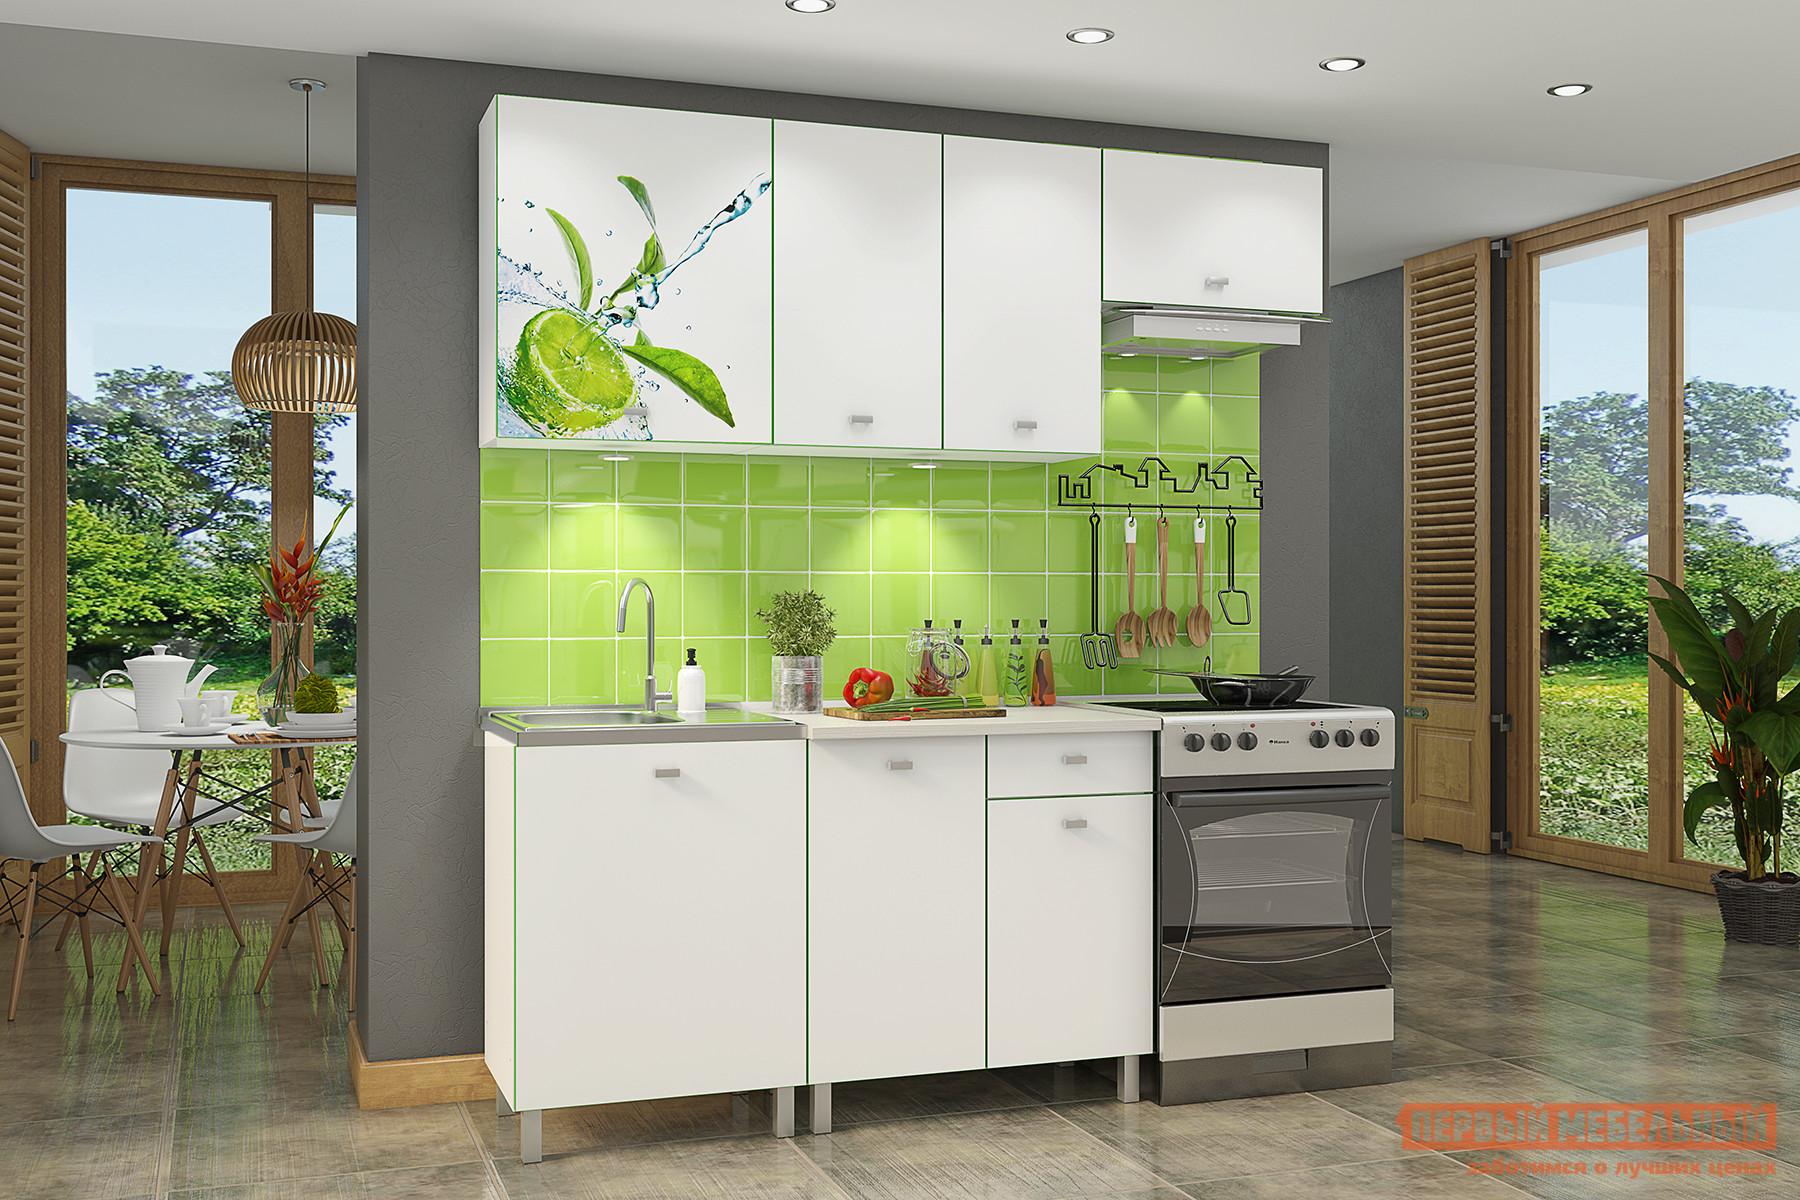 Кухонный гарнитур СтолЛайн Бланка СТЛ.348.00 Кухонный гарнитур